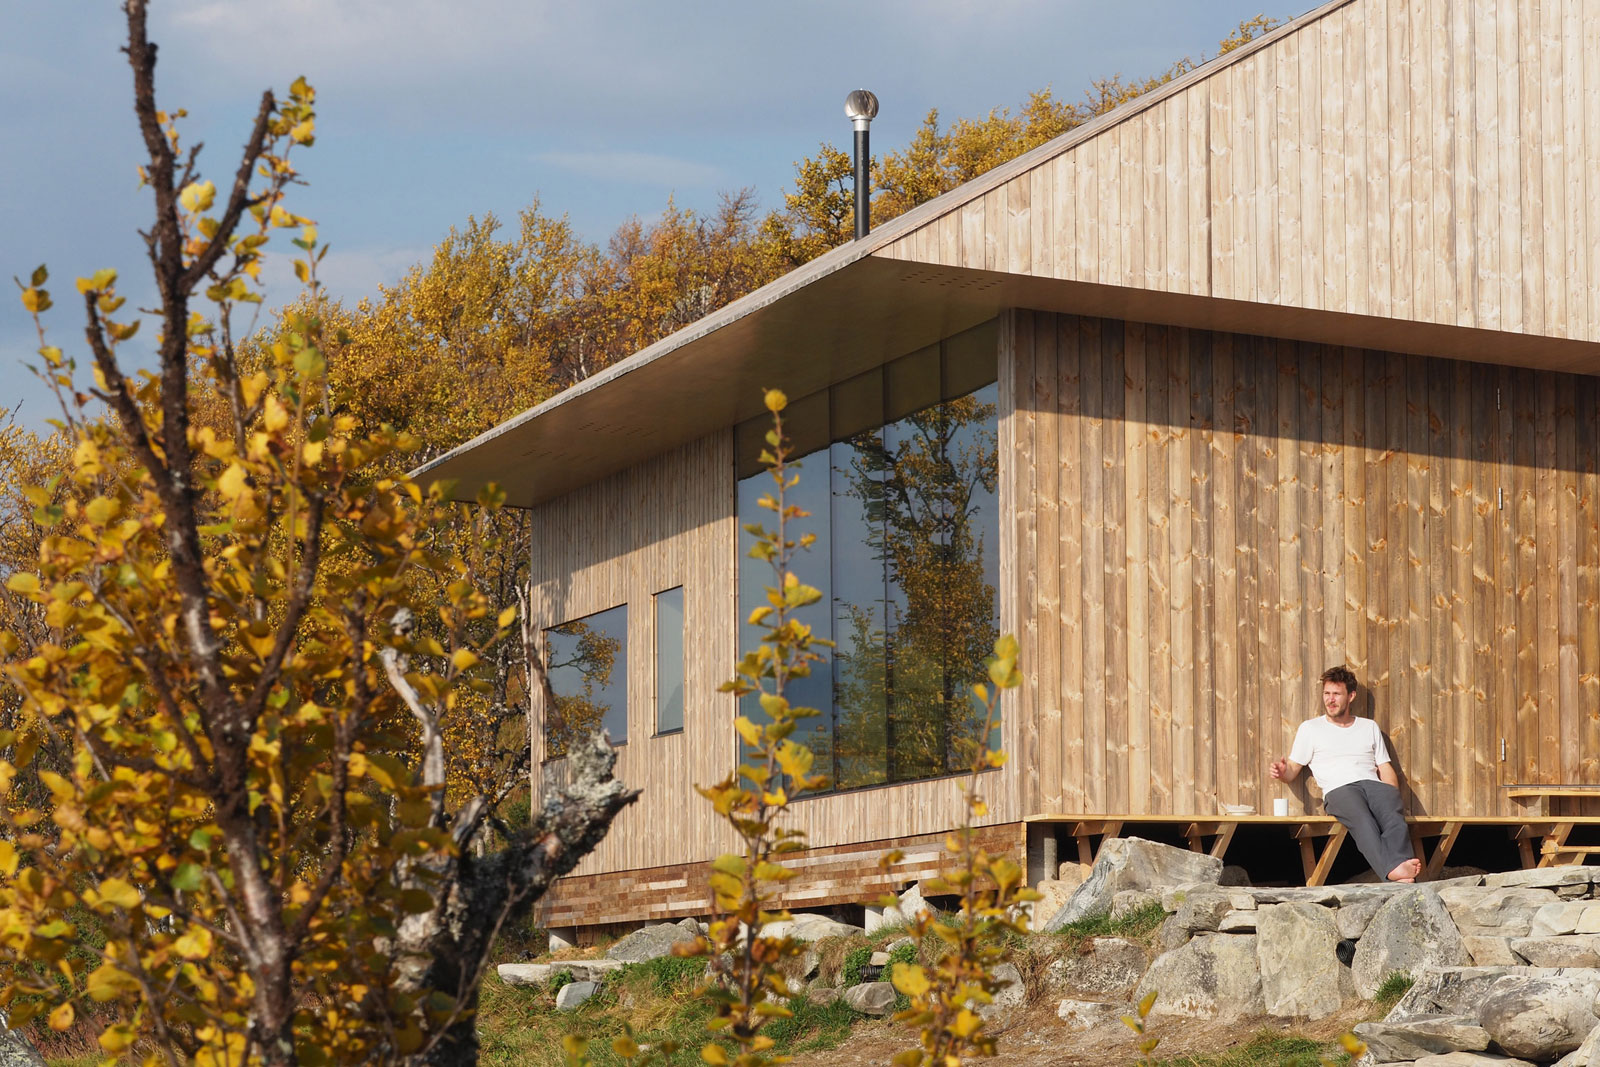 cabin-jon-danielsen-aarhus-architecture-residential-norway_dezeen_2364_col_13